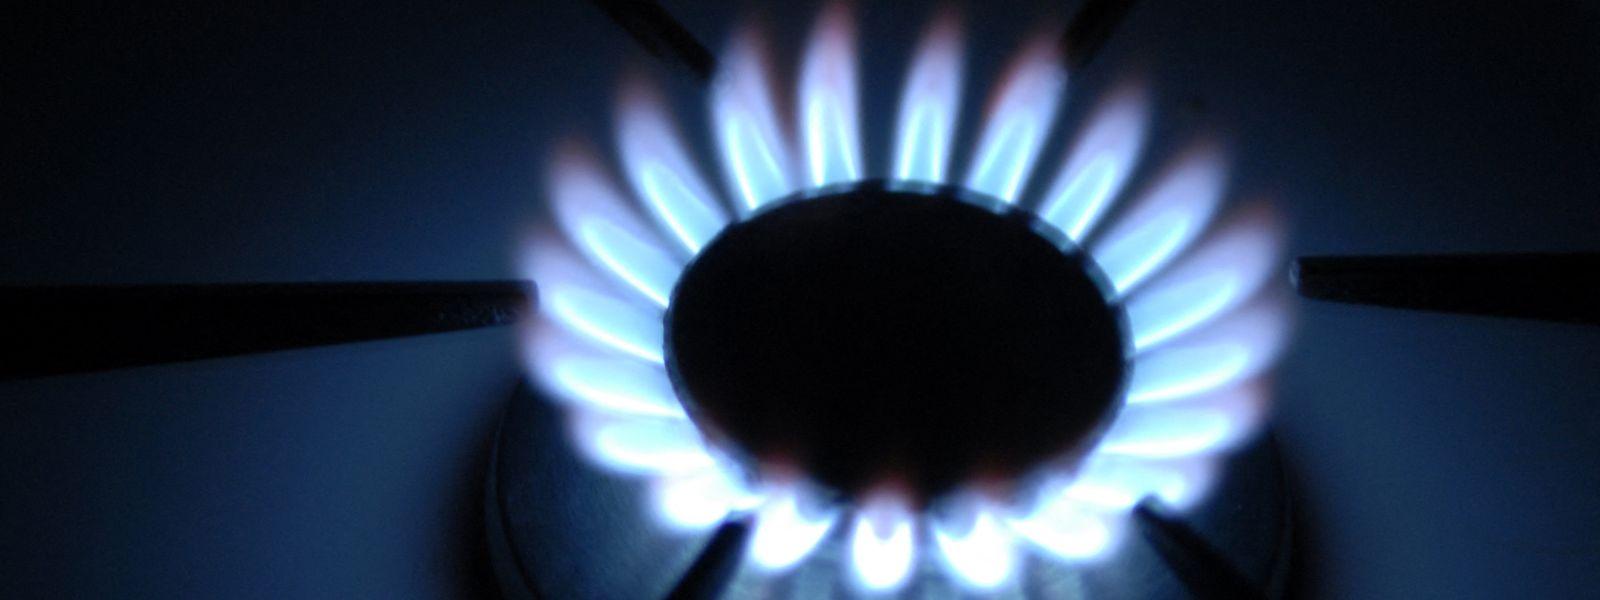 Depuis le début de l'année, le prix du gaz a augmenté de 300%. Une hausse sensiblement atténuée pour le consommateur au final (+60%), mais tout de même.